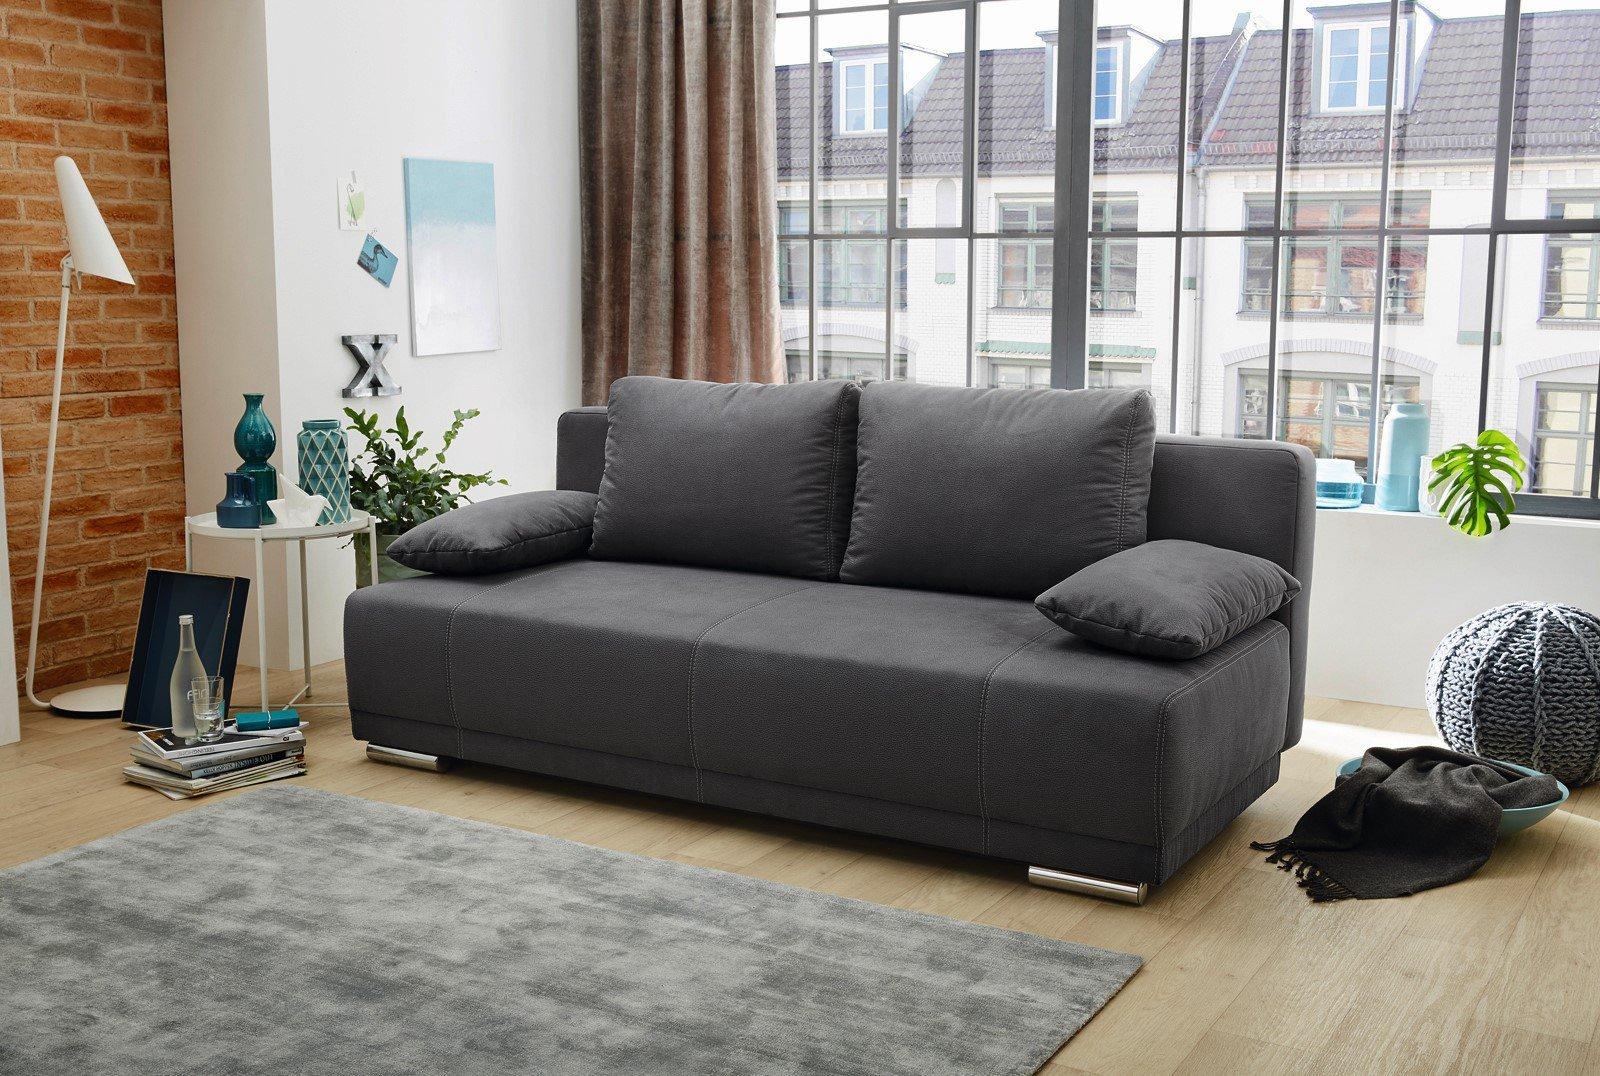 schlafsofa jeff jonas von jockenh fer inklusive bettkasten m bel letz ihr online shop. Black Bedroom Furniture Sets. Home Design Ideas